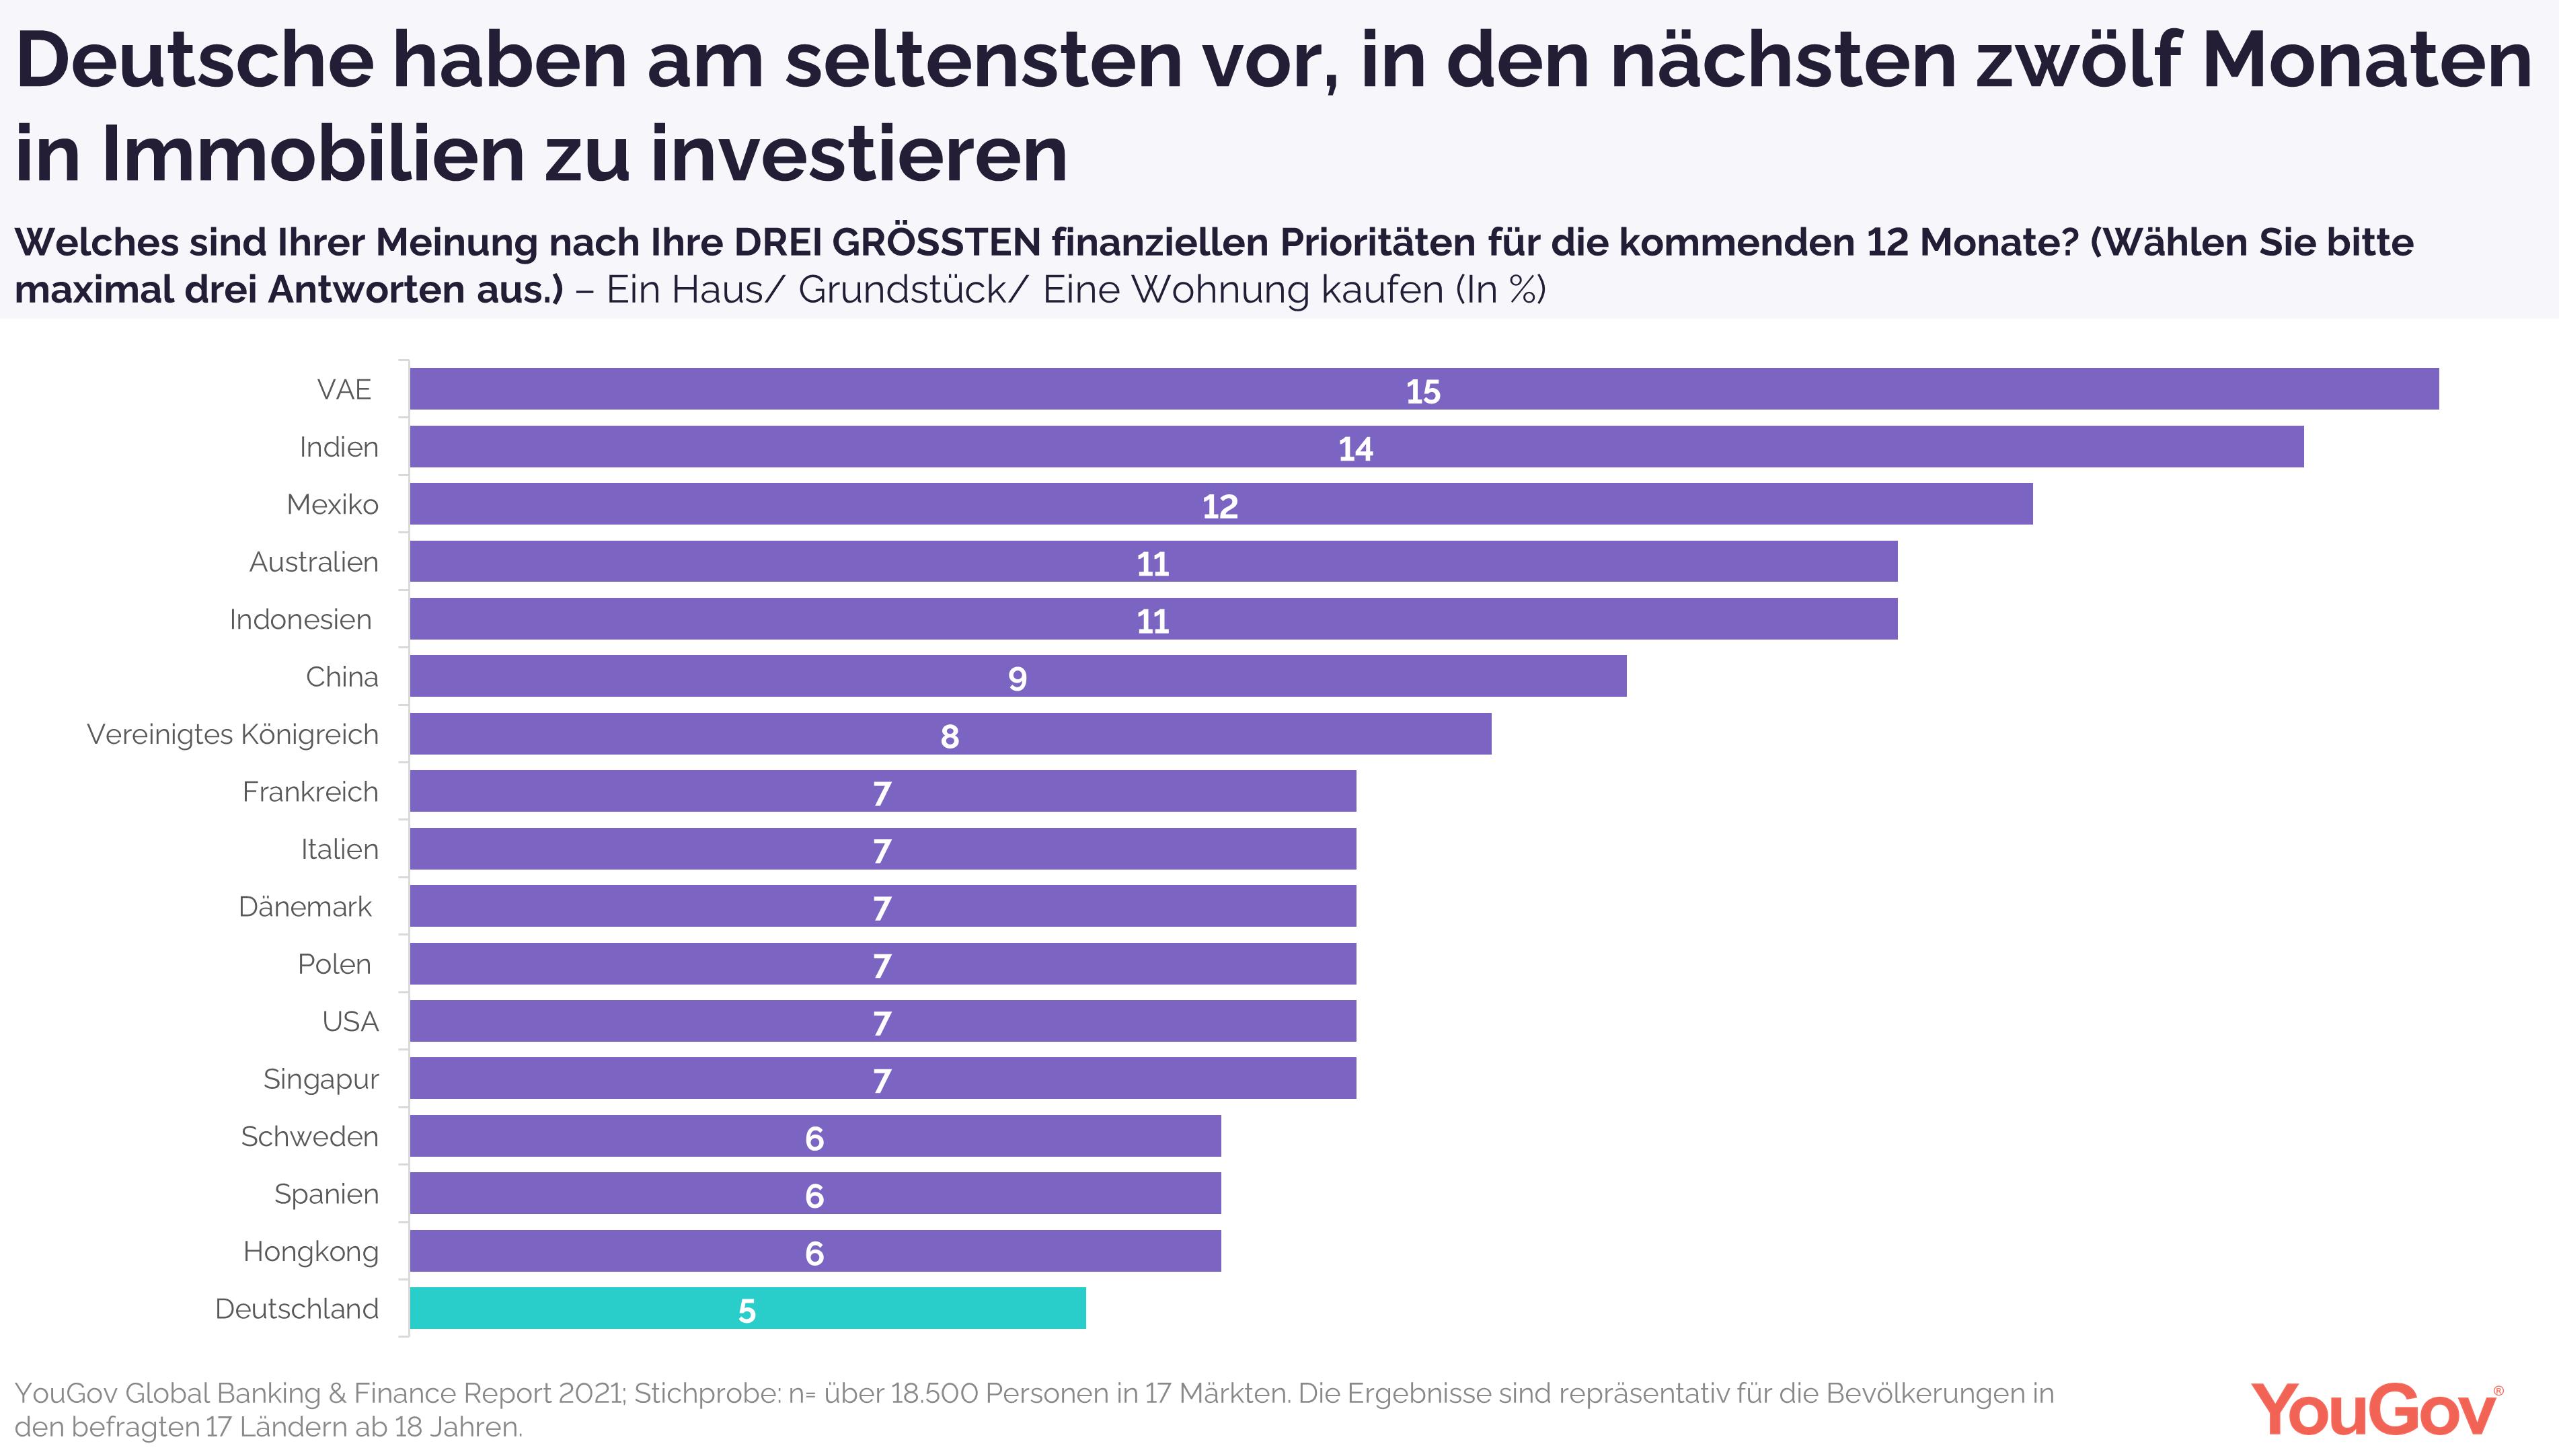 Deutsche haben international am seltensten vor, in Immobilien zu investieren